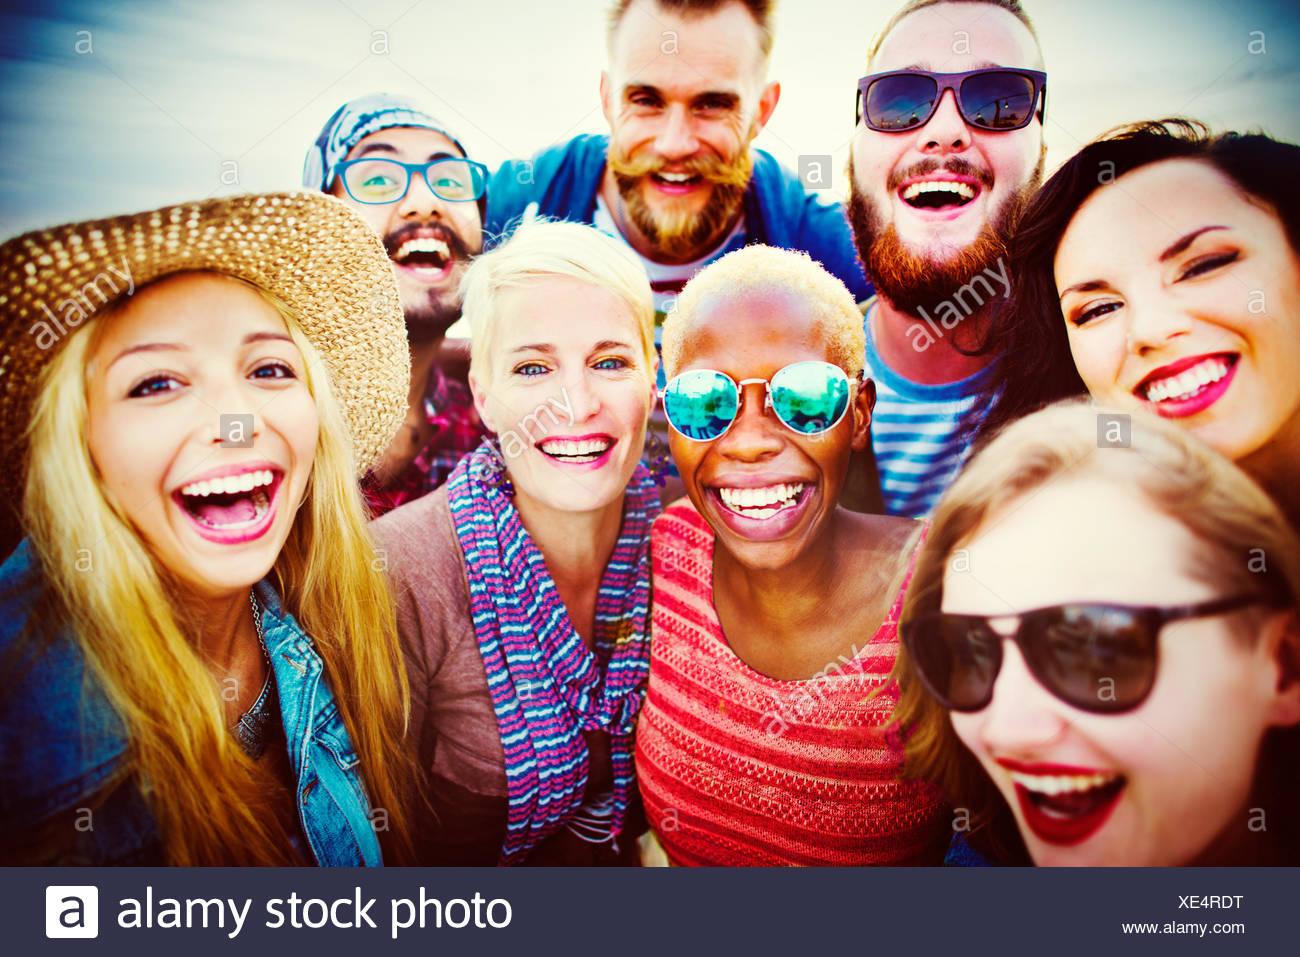 Celebrazione allegra festa godendo il tempo libero concetto di felicità Immagini Stock